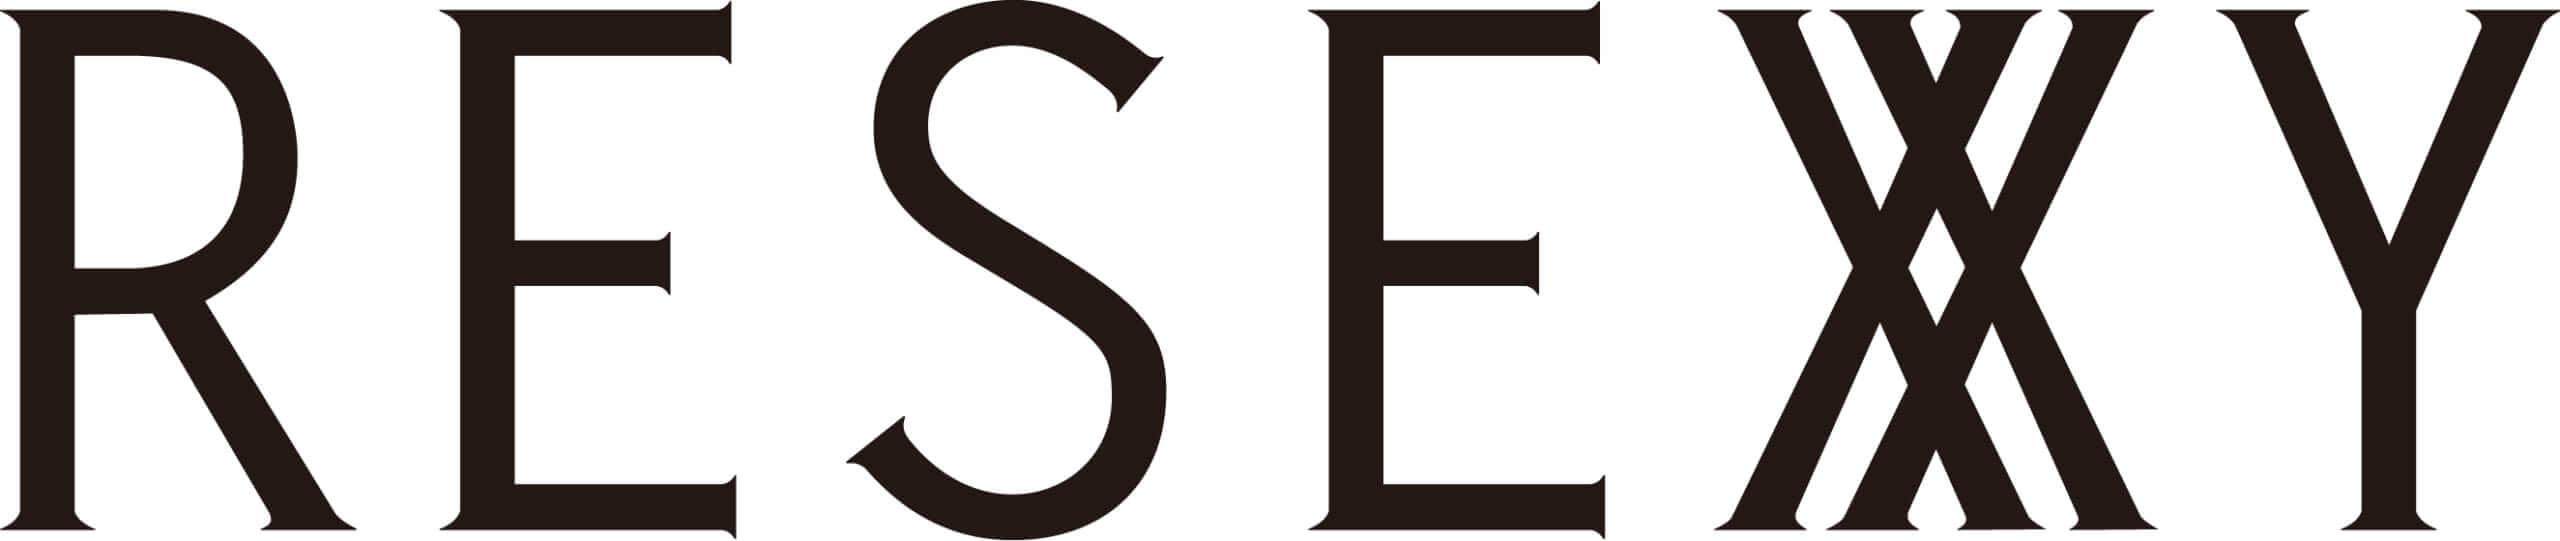 RISEXXXY(リゼクシー)ロゴ